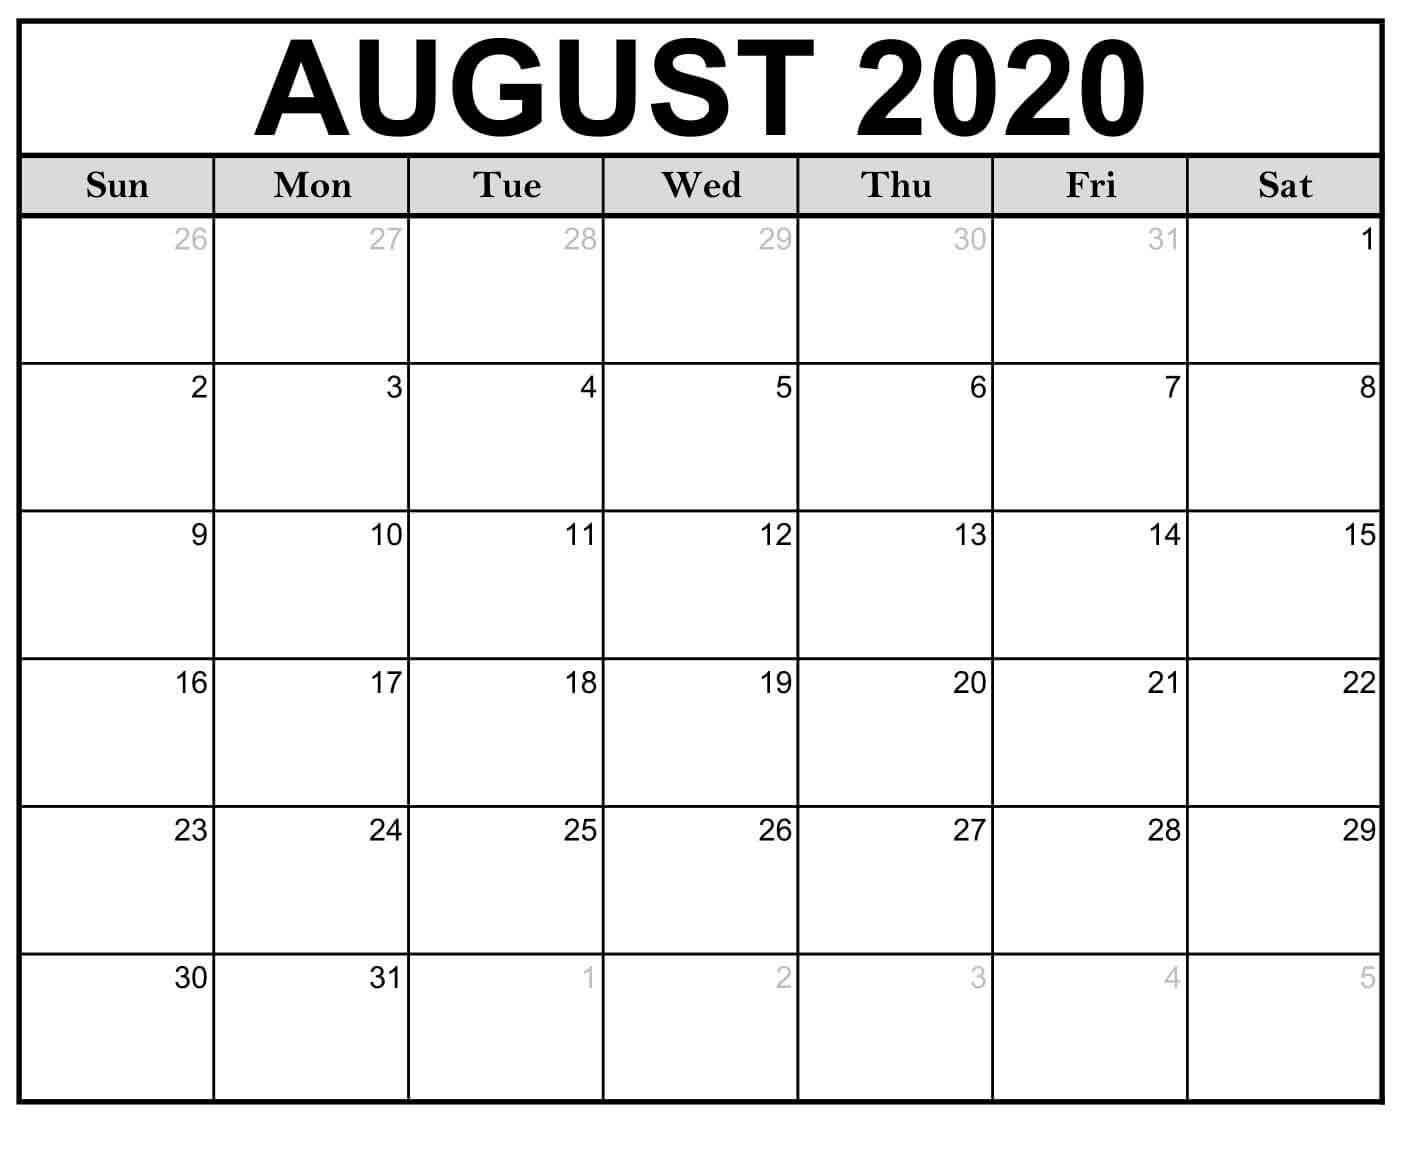 August 2020 Calendar Template Free